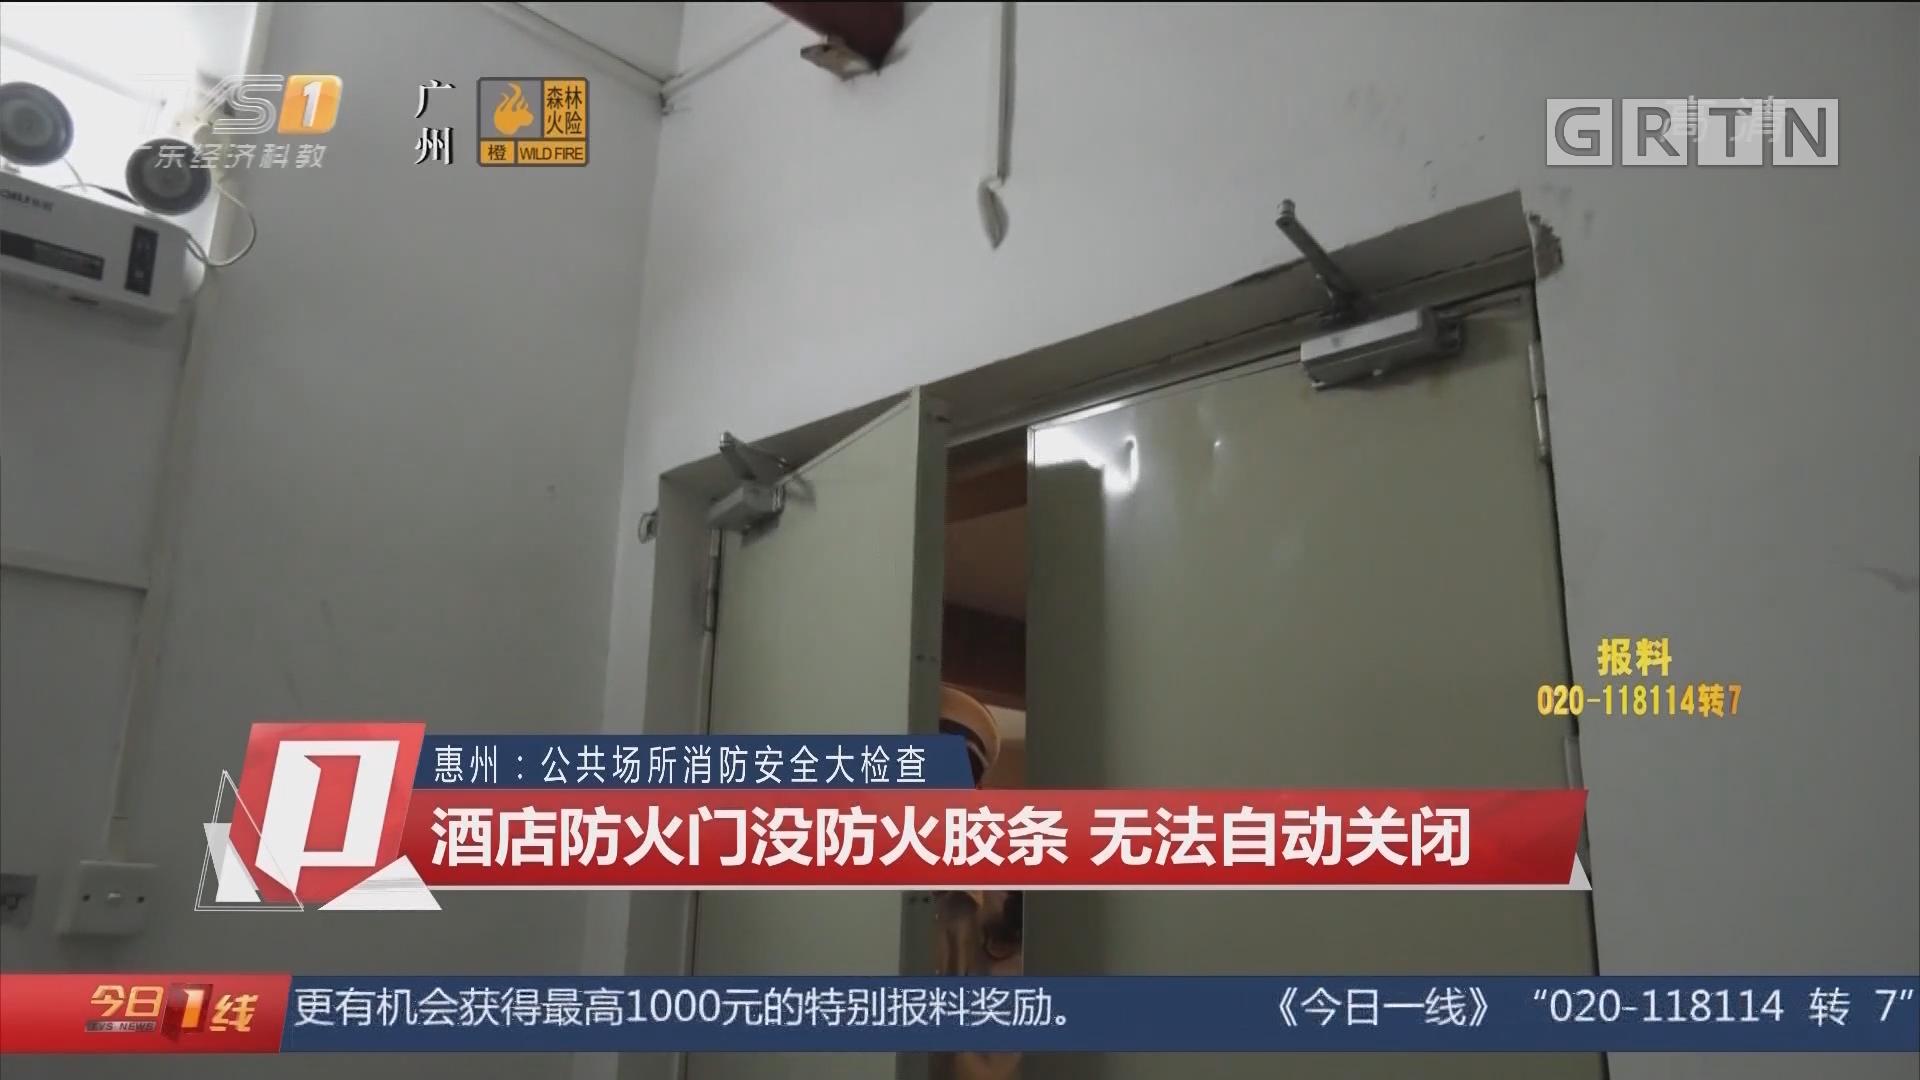 惠州:公共场所消防安全大检查 酒店防火门没防火胶条 无法自动关闭